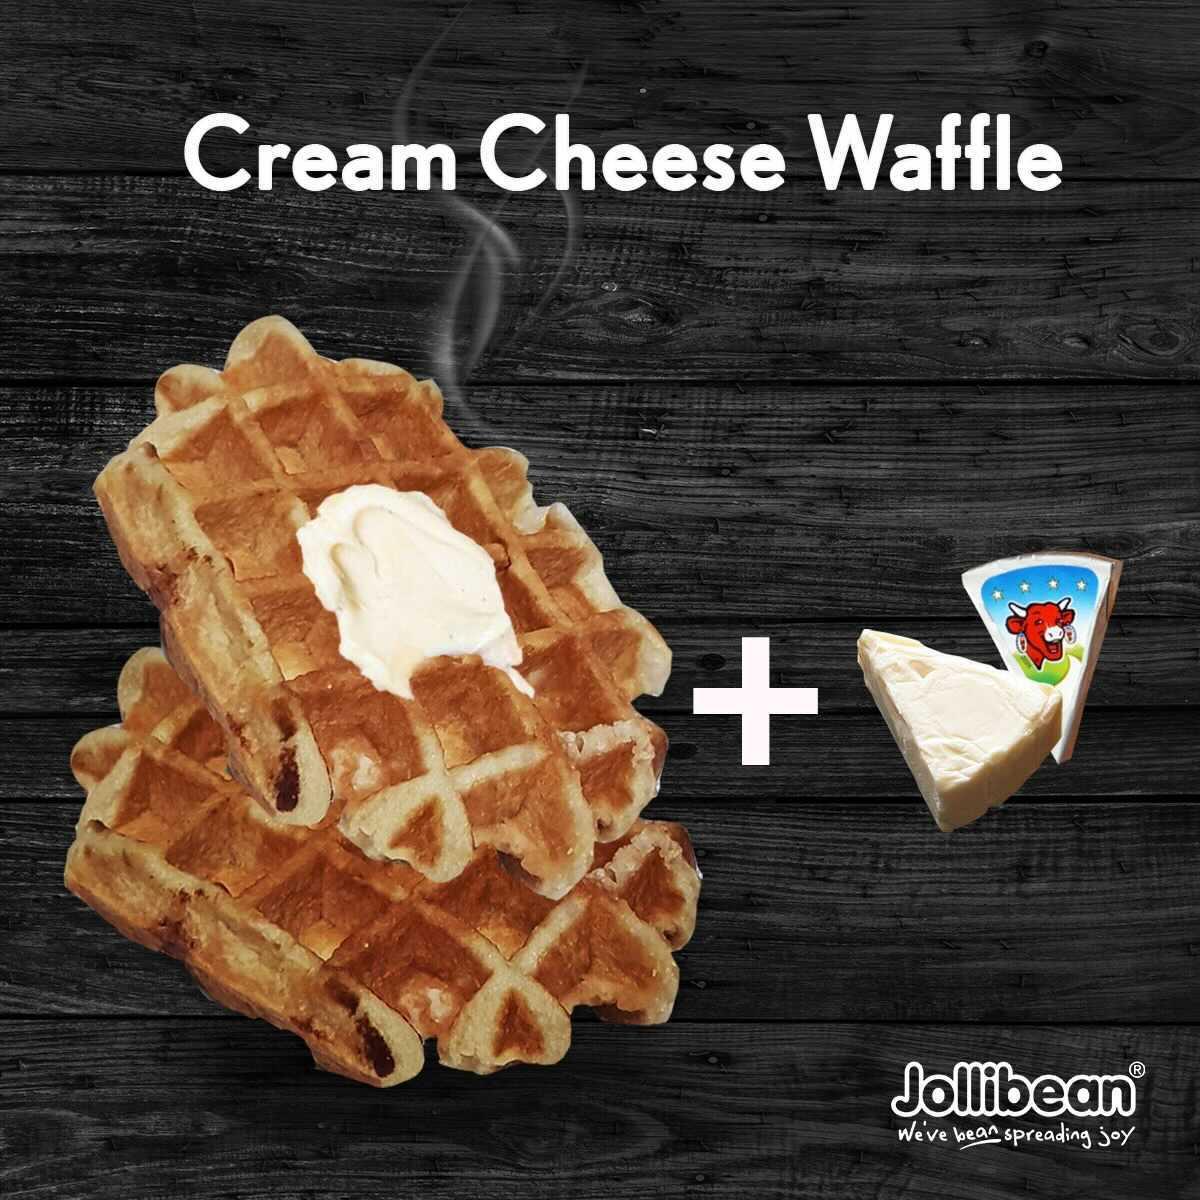 1 x Belgium Cream Cheese Waffle